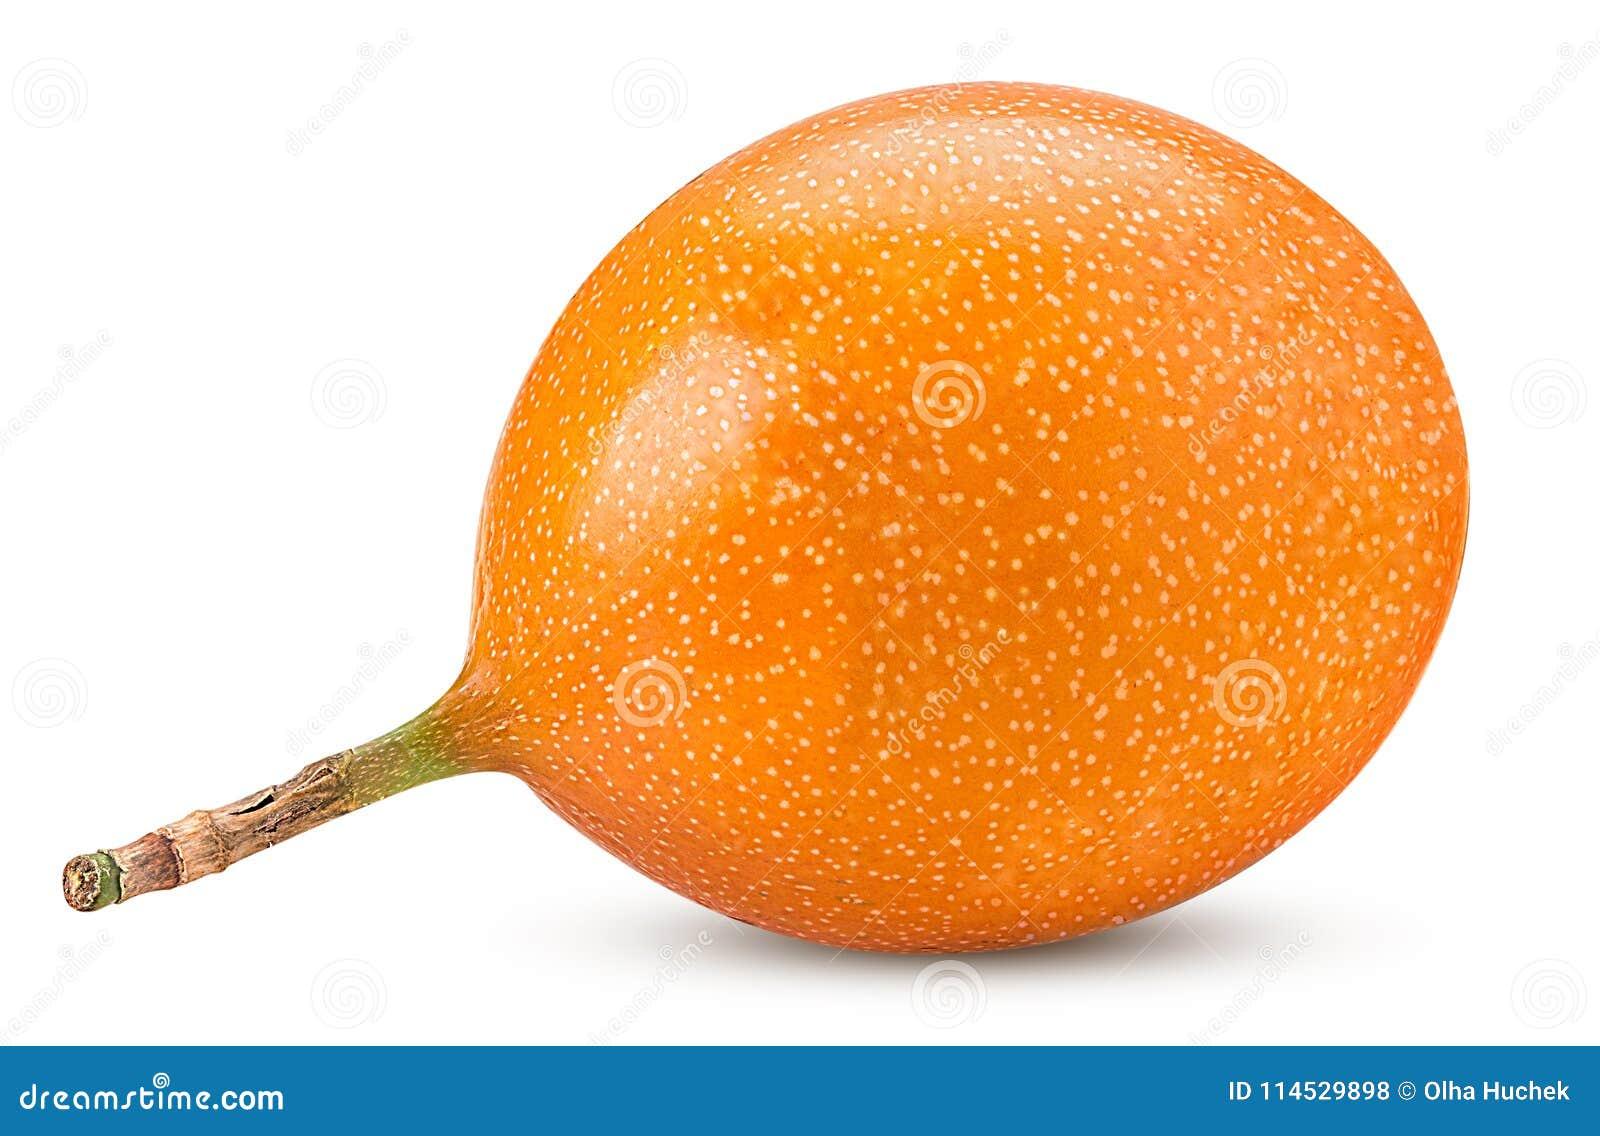 Granadilla φρούτα